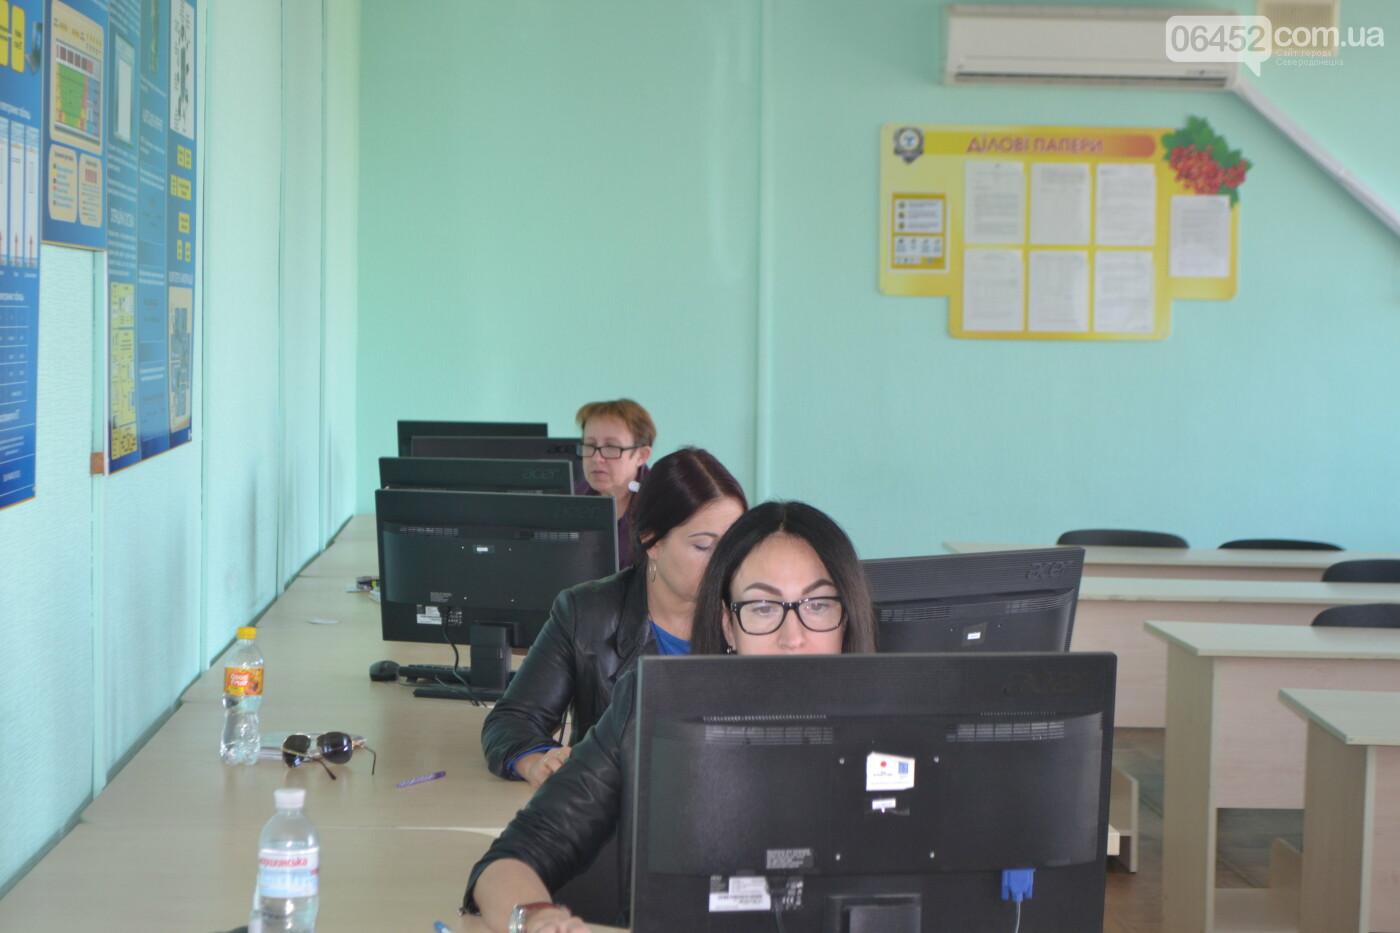 12 профессий для северодончан, которые можно освоить за полгода , фото-3